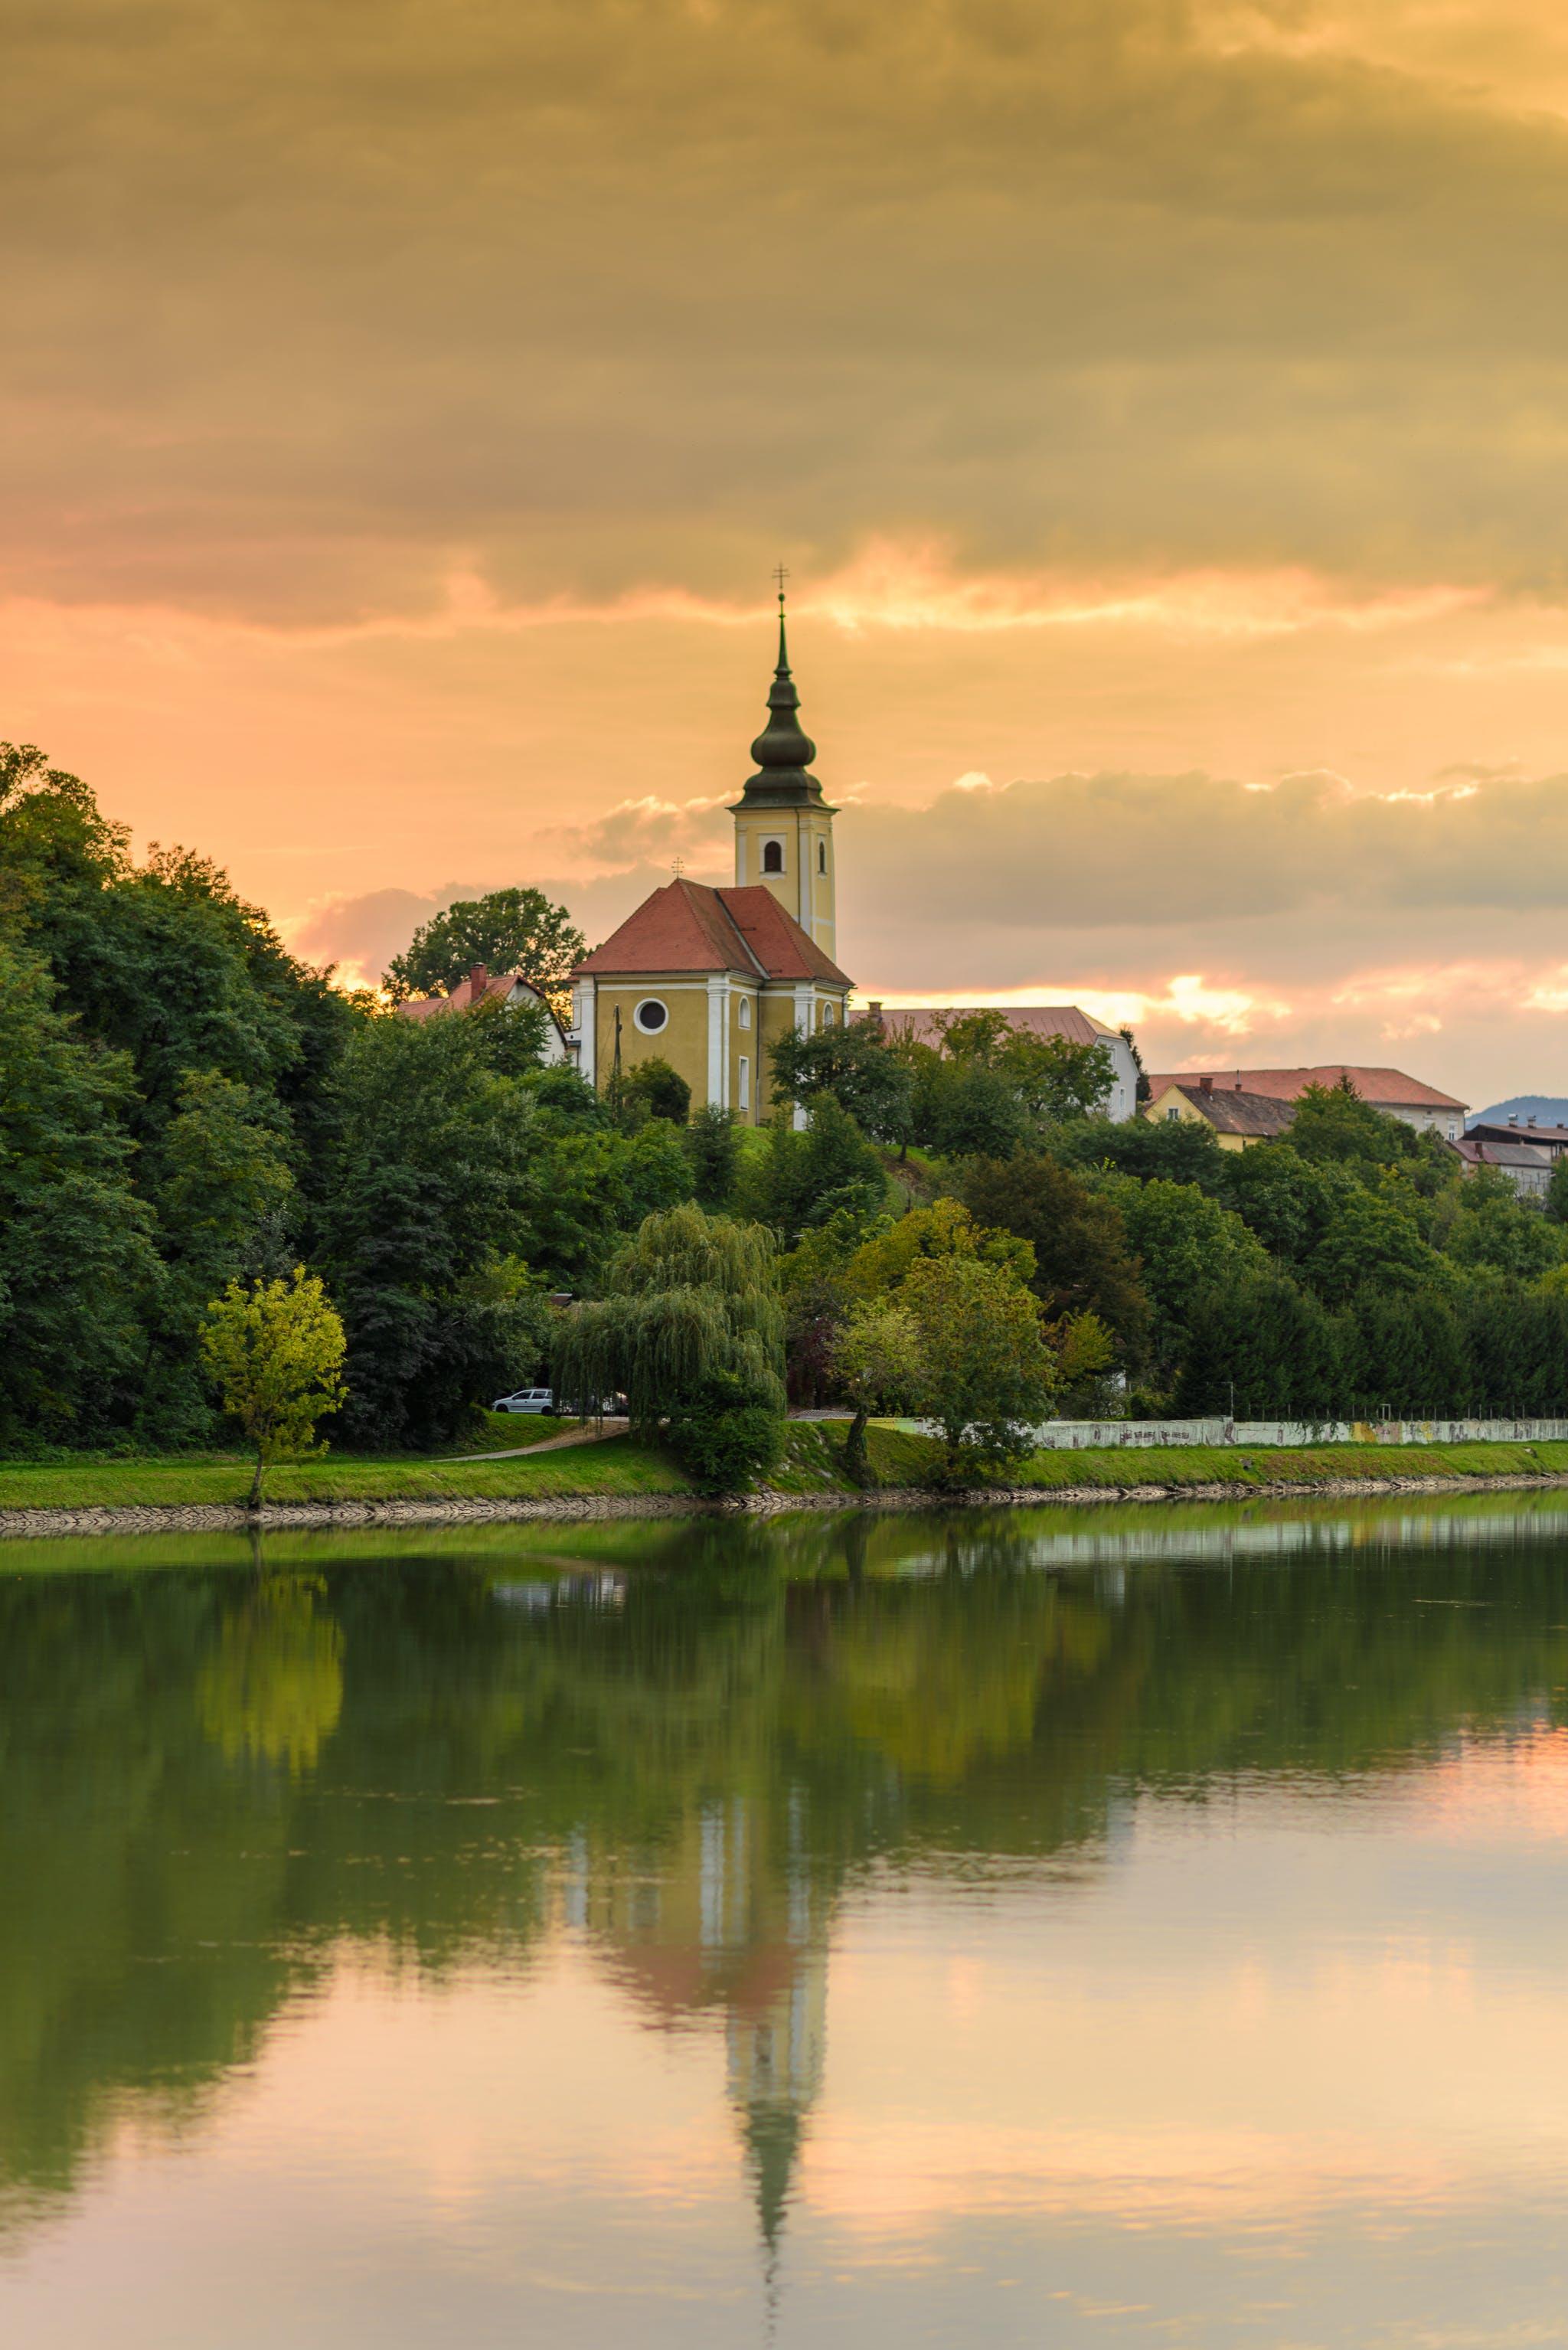 スロベニア, マリボル, 夏, 教会の無料の写真素材